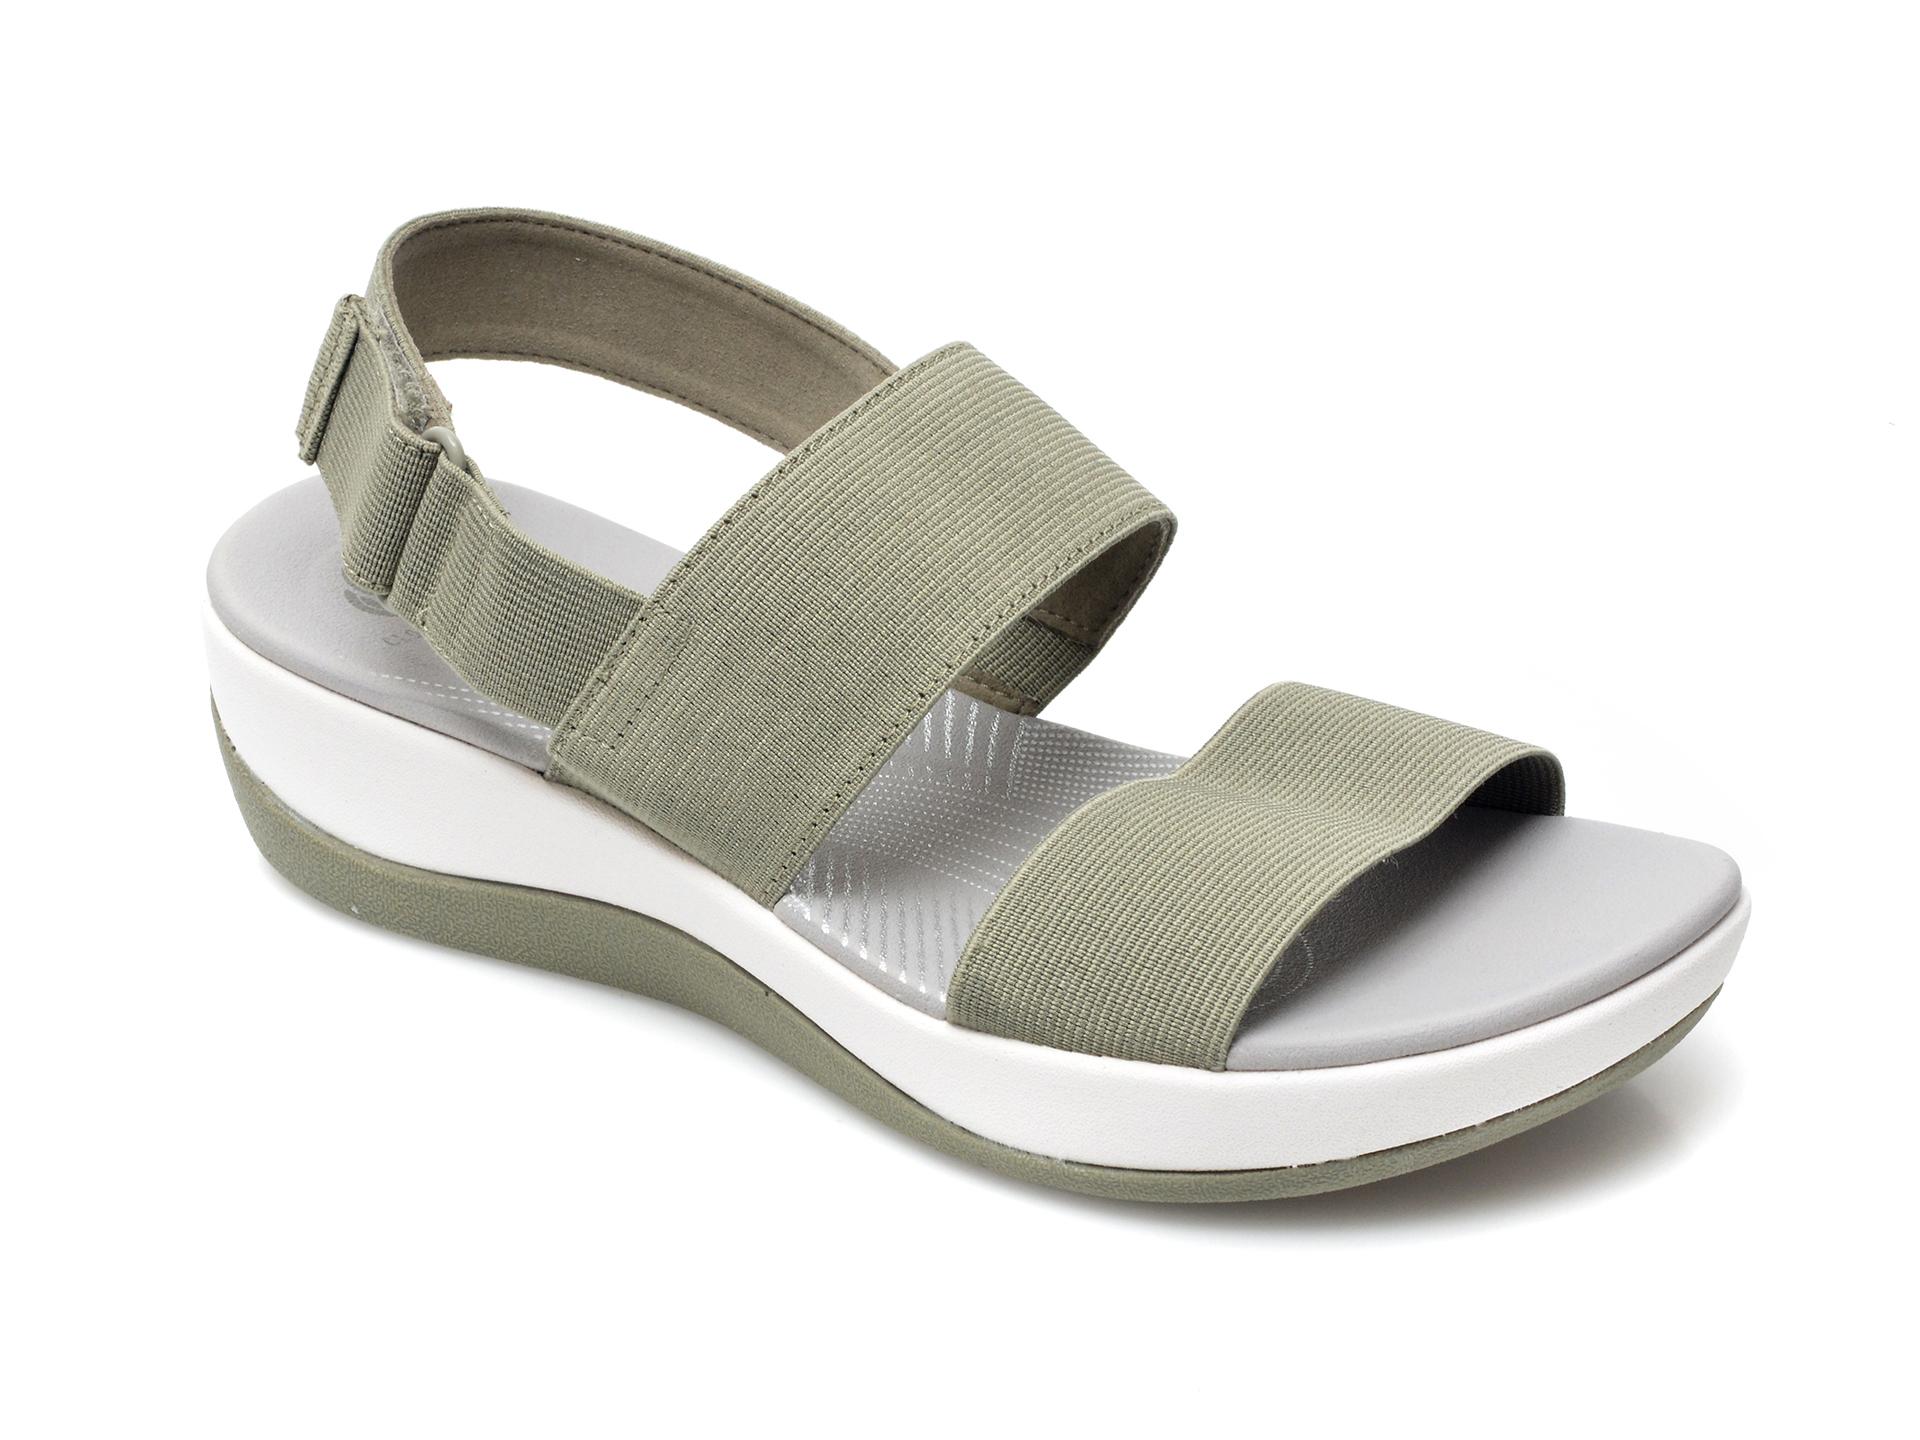 Sandale CLARKS verzi, Arla Jacory, din material textil imagine otter.ro